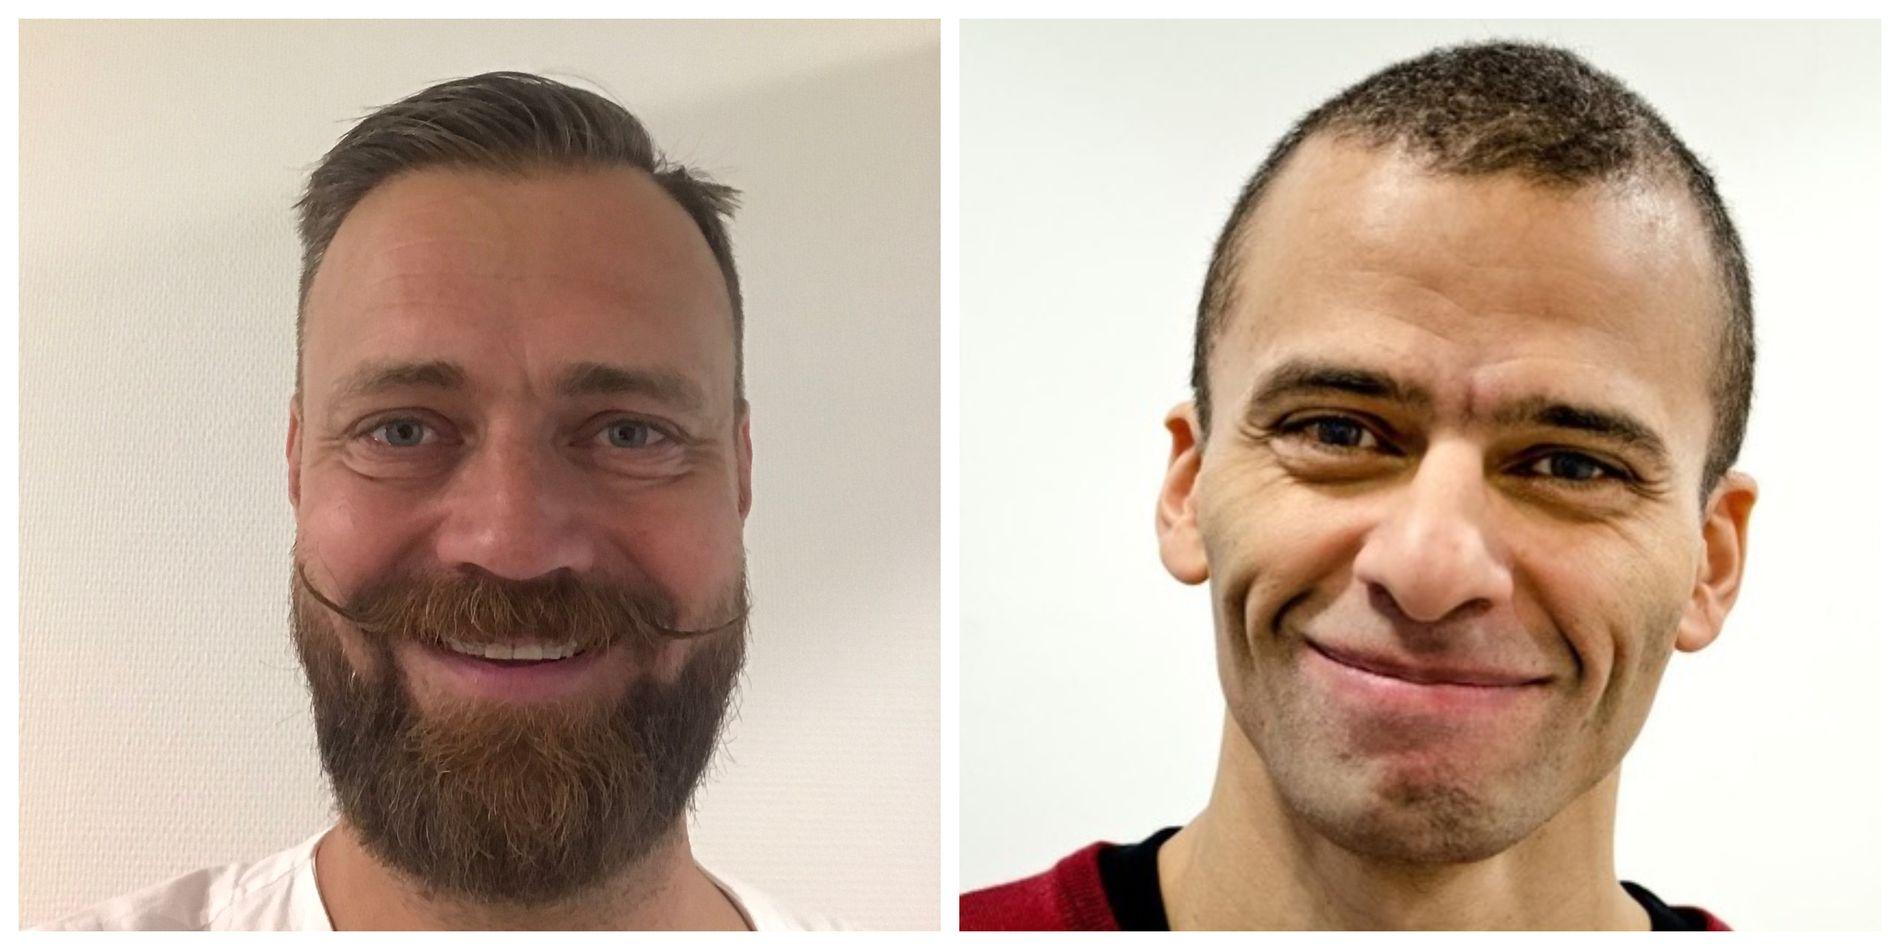 Thorbjørn Brook Steen og Patji Alnæs-Katjavivi er overleger ved fødeavdelingen OUS.